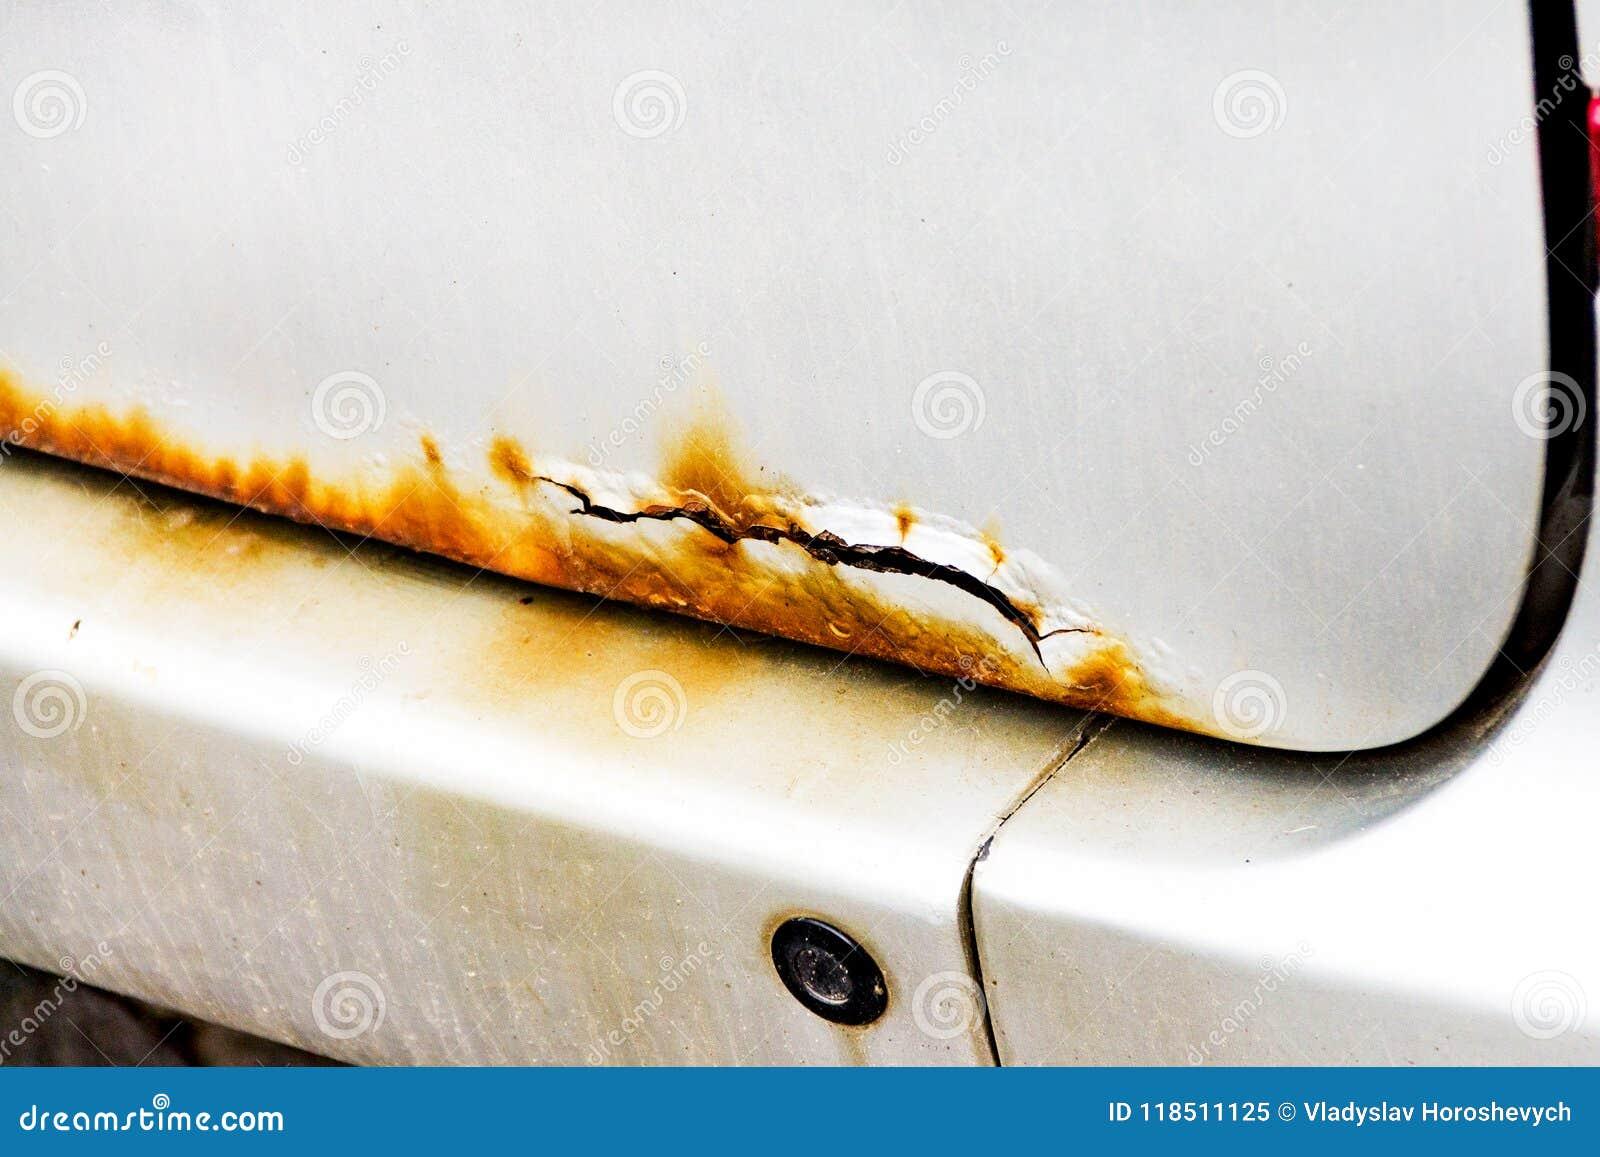 Заржавейте на автомобиле, сломанном автомобиле, корозии на крышке хобота